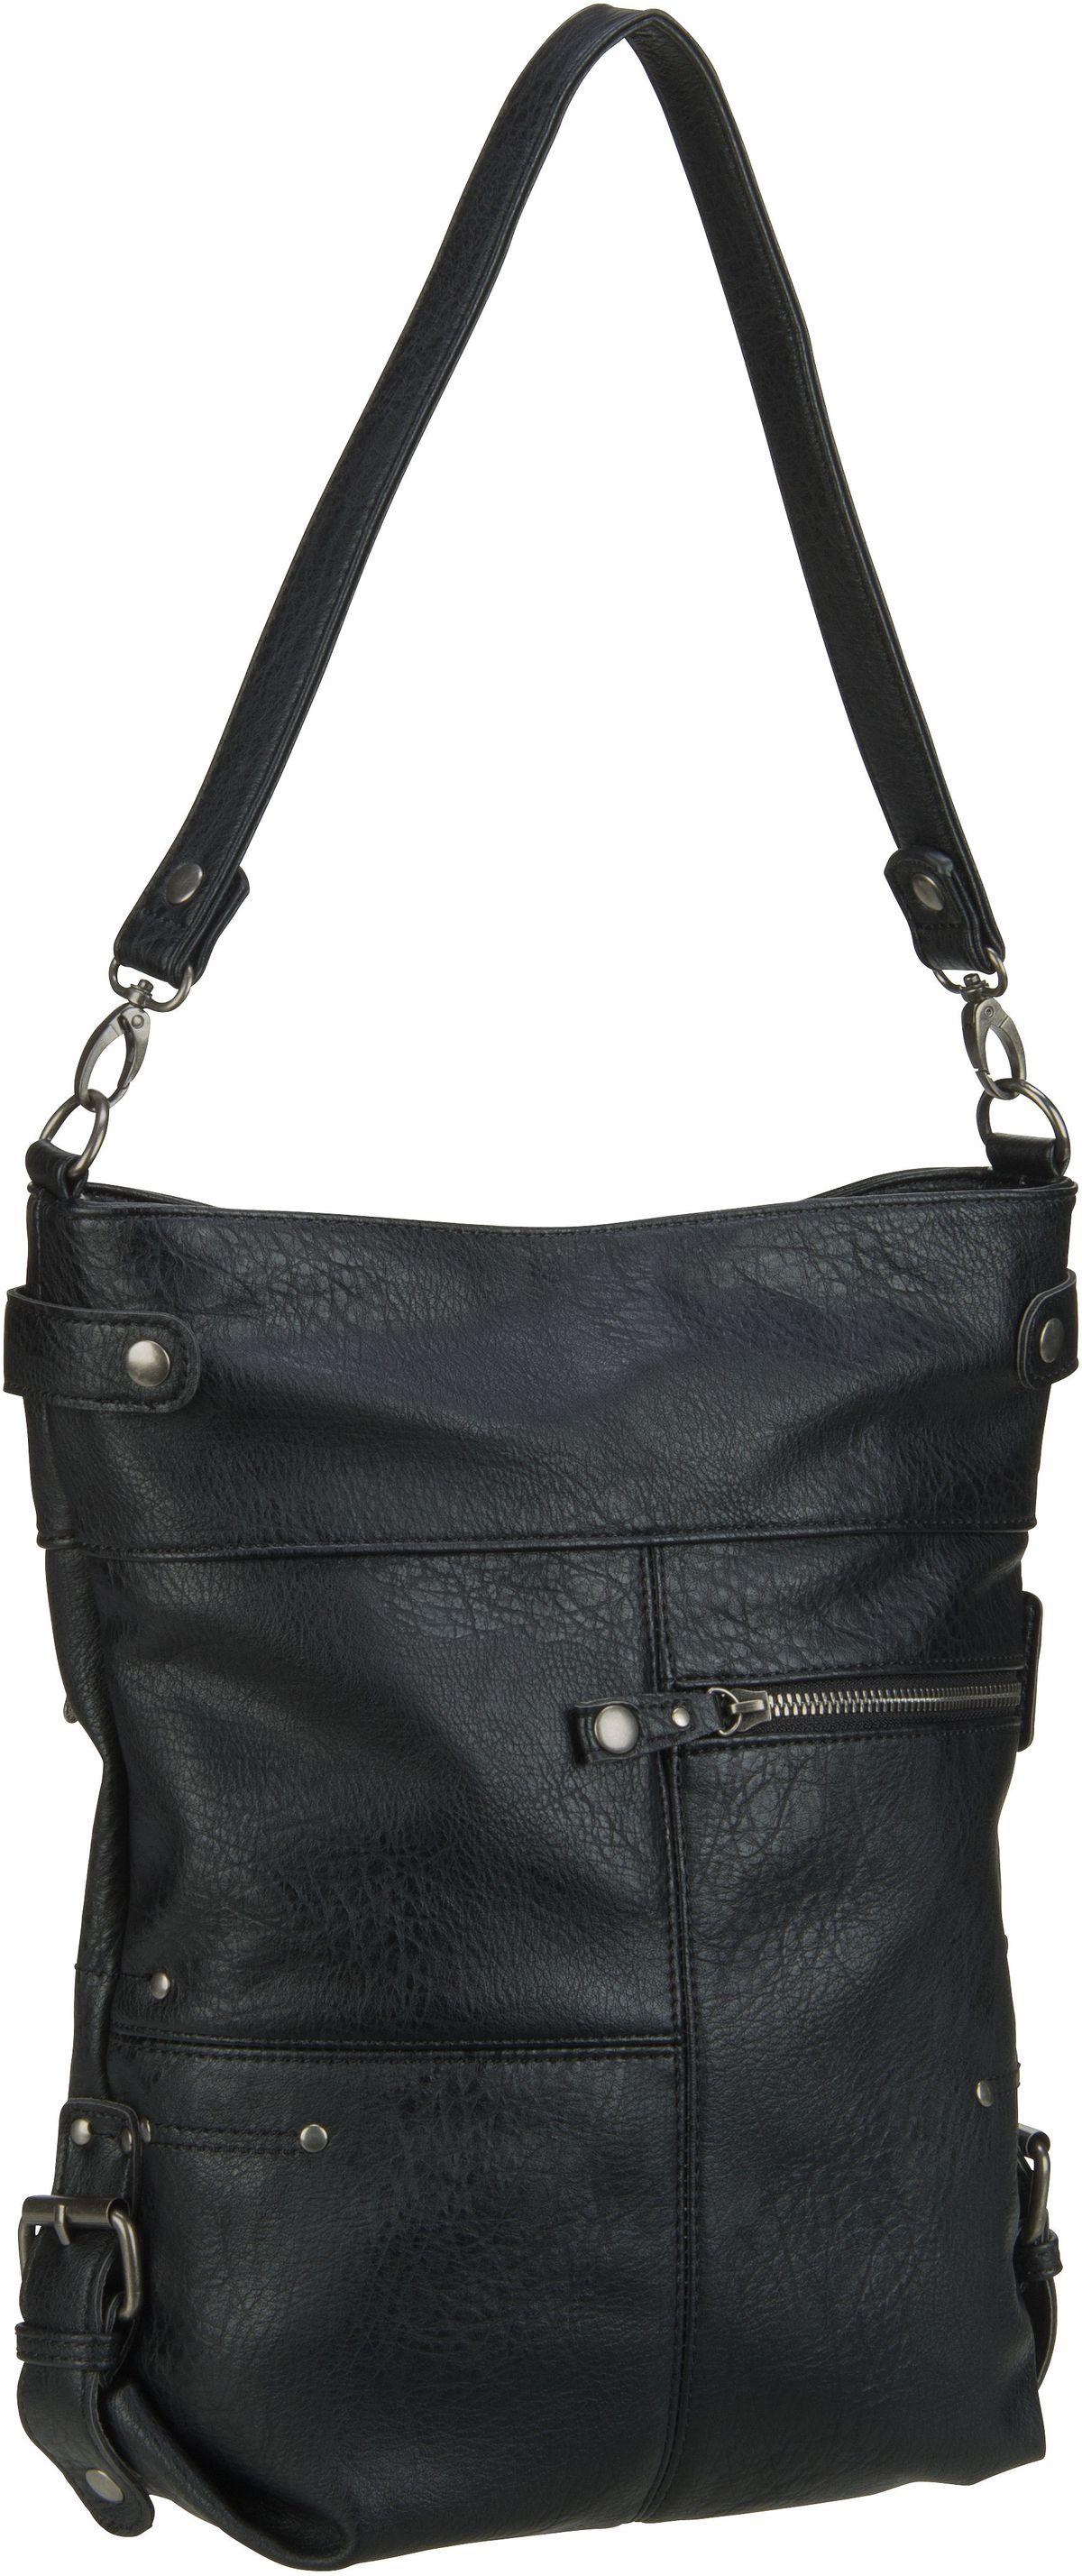 Handtasche Vintage V12 Noir (6 Liter)